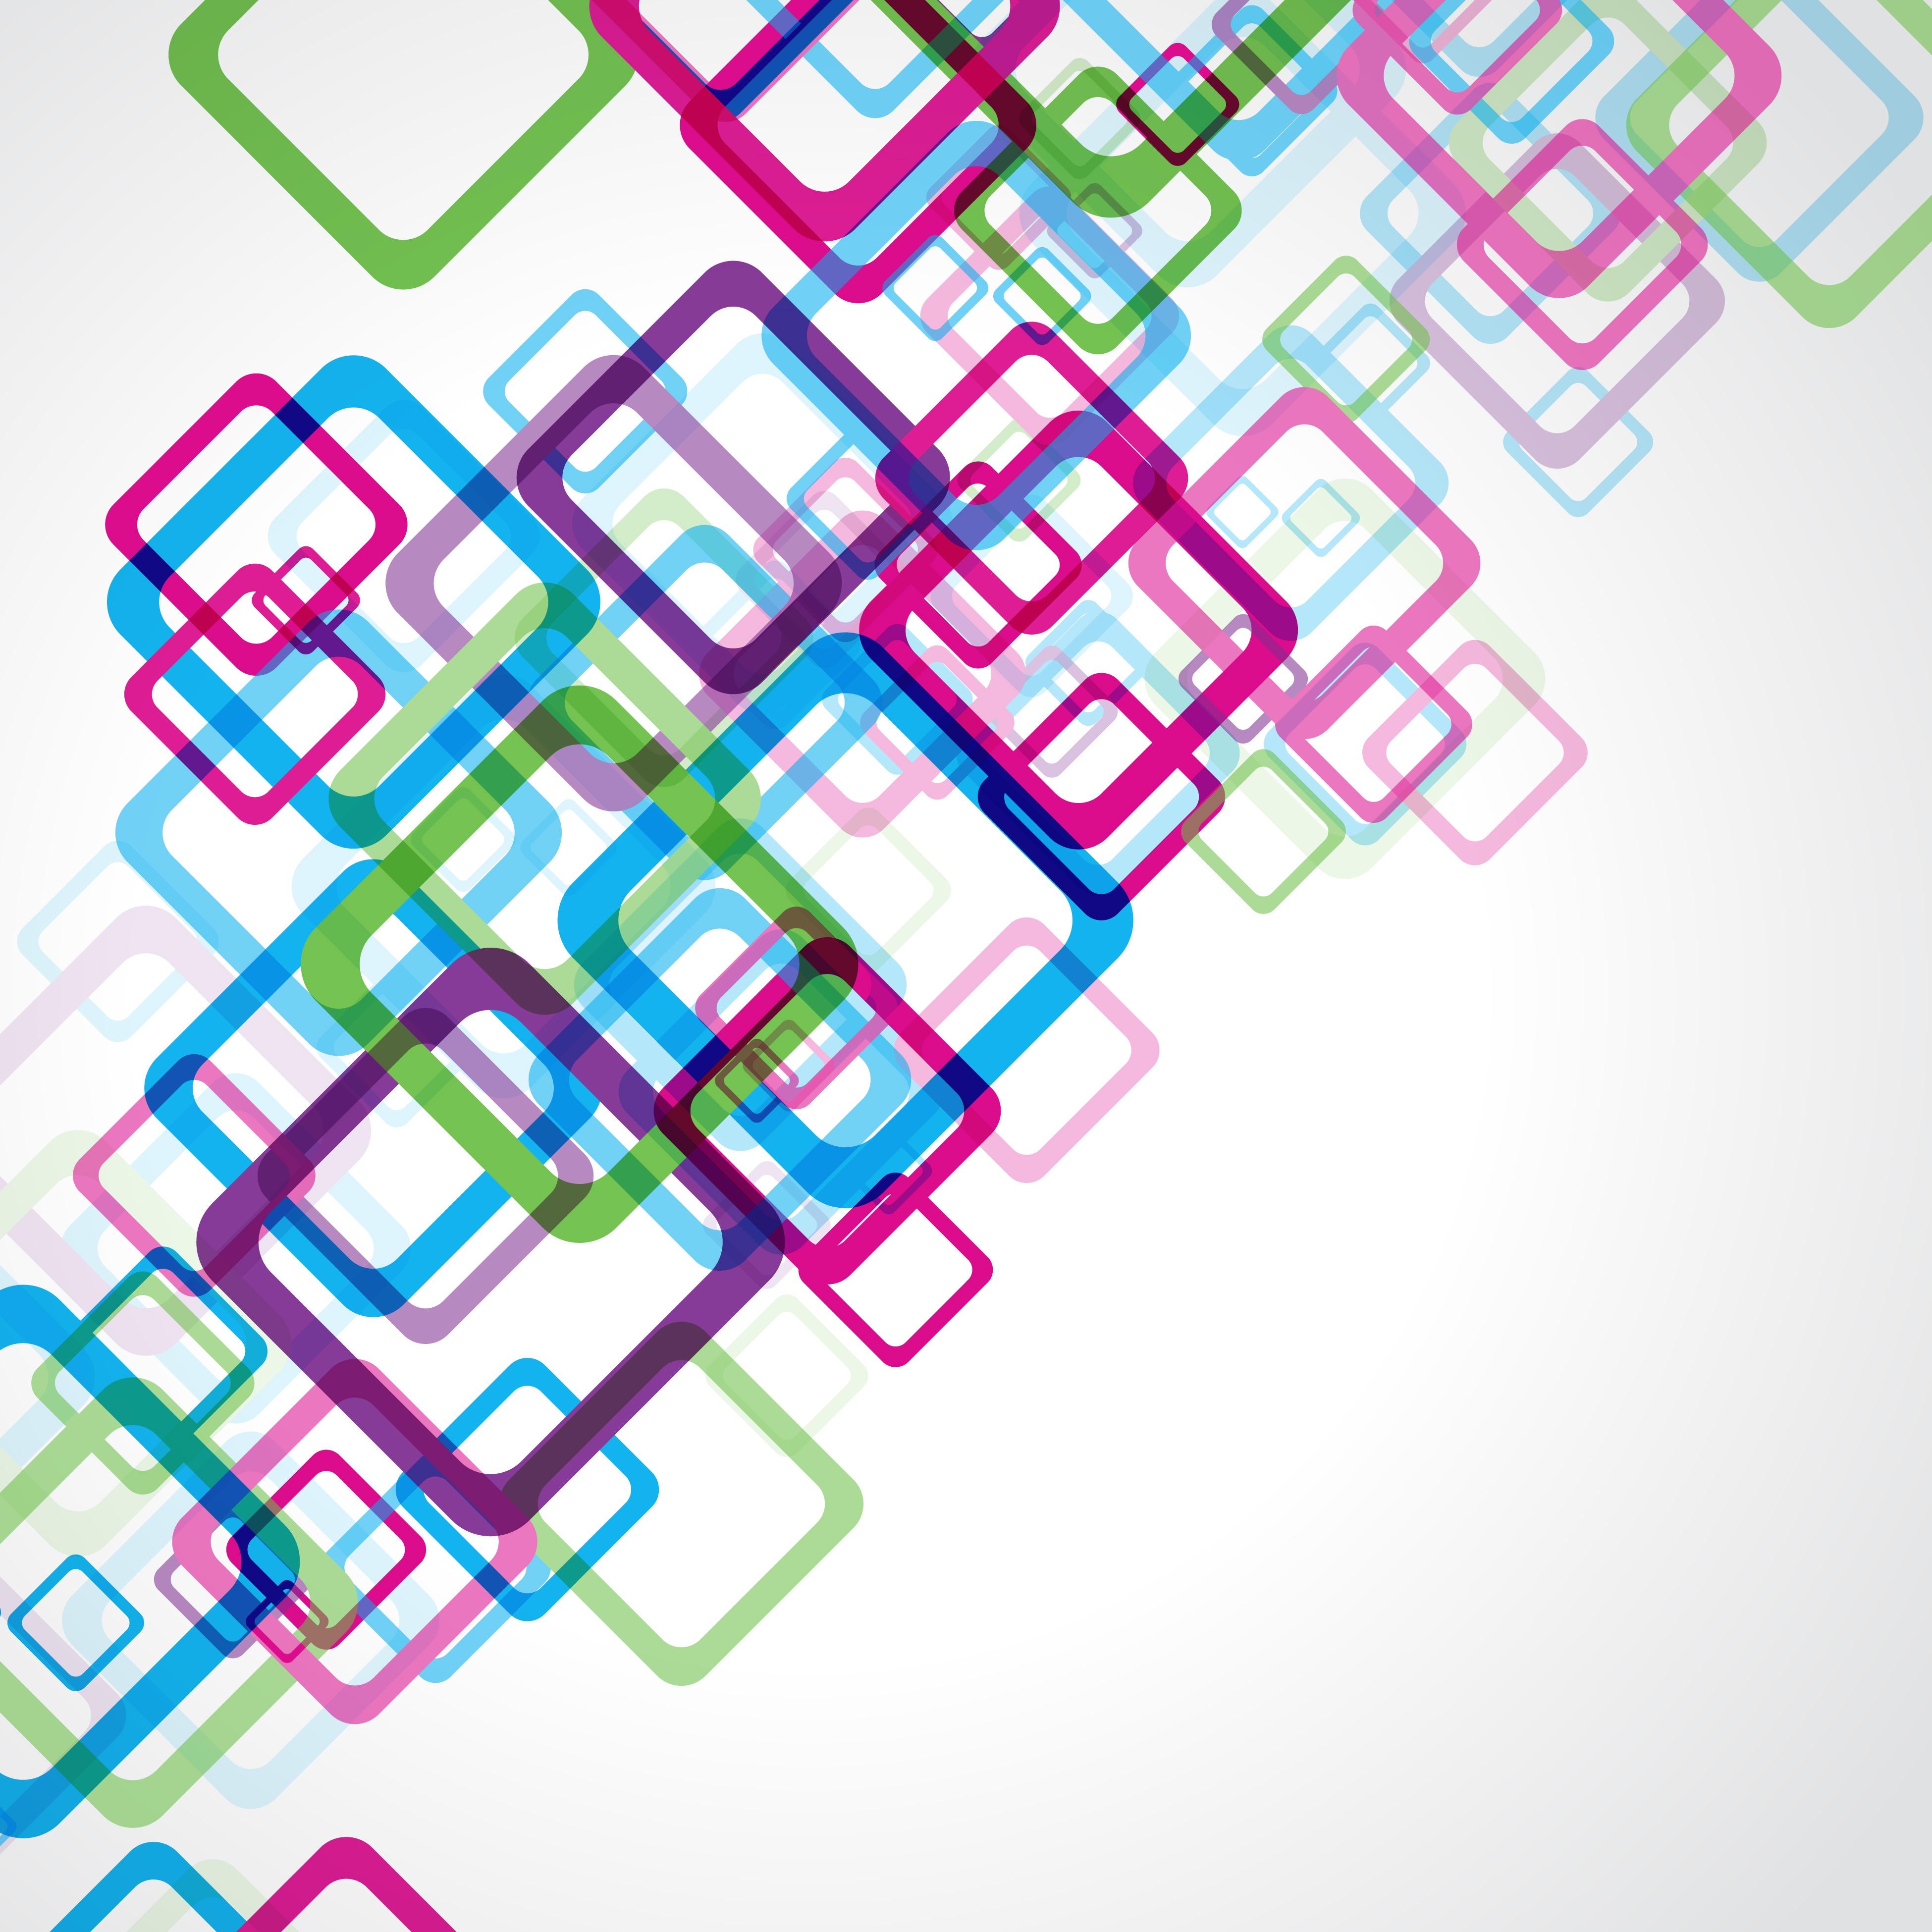 Wallpaper : Texture, Abstract, Digital Art 3900x3900